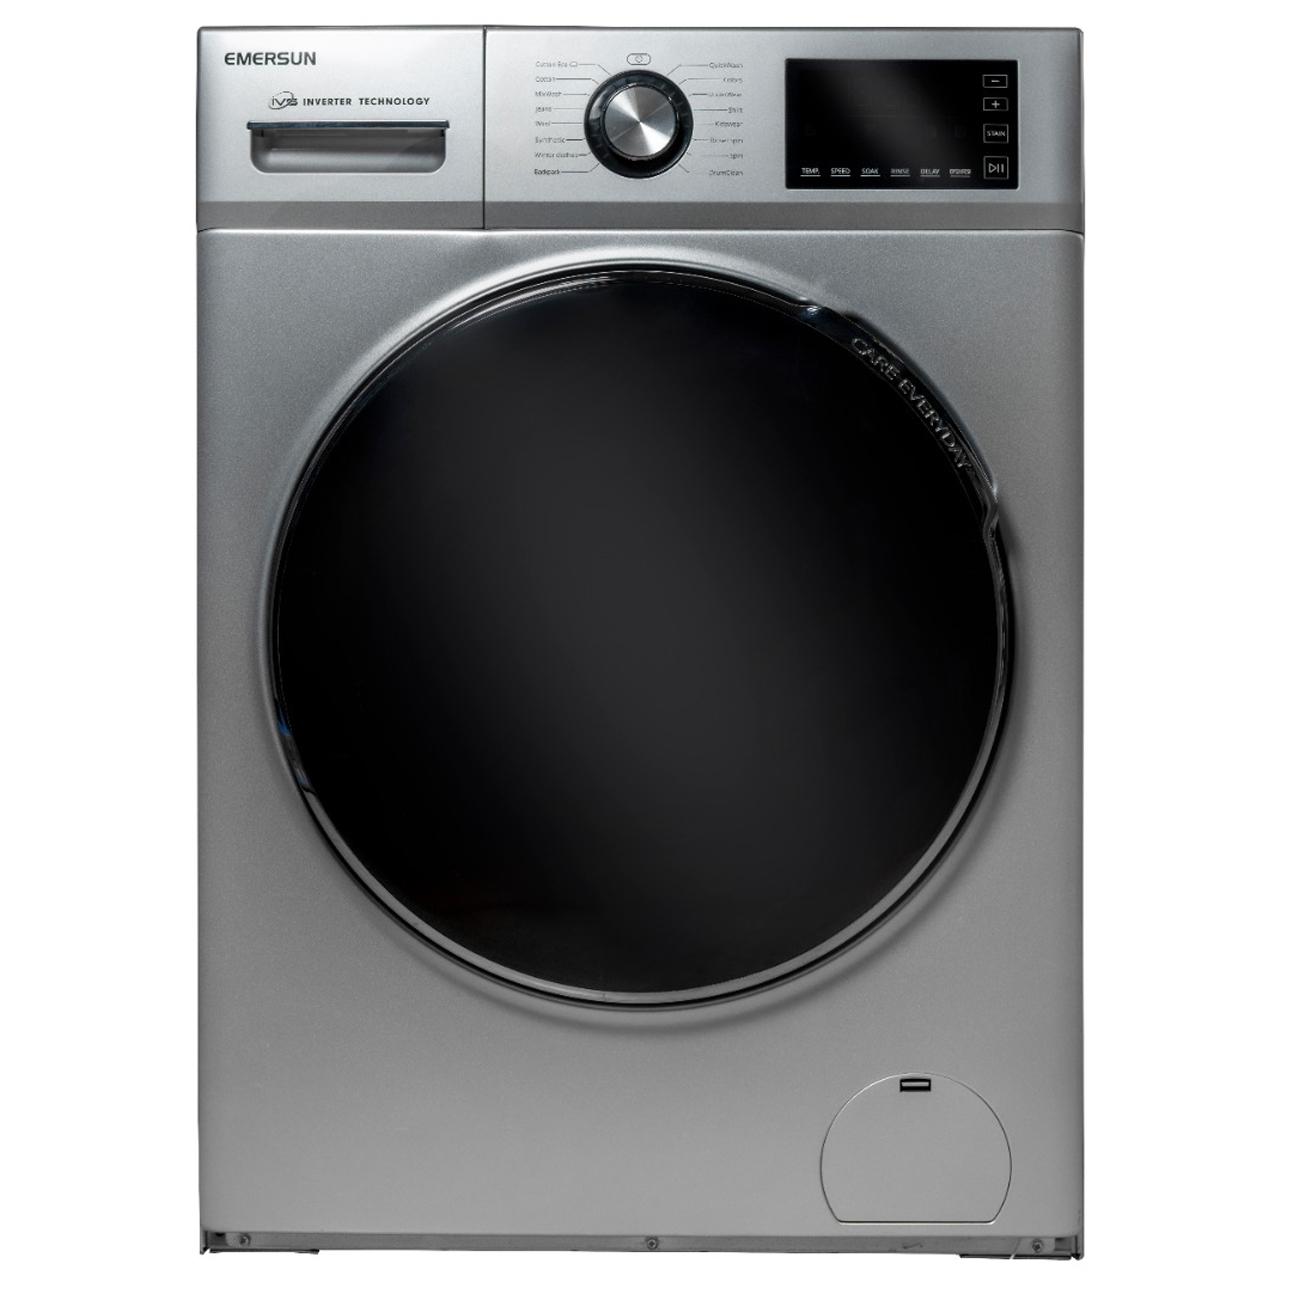 فروش نقدی و اقساطی ماشین لباسشویی امرسان مدل EW80w